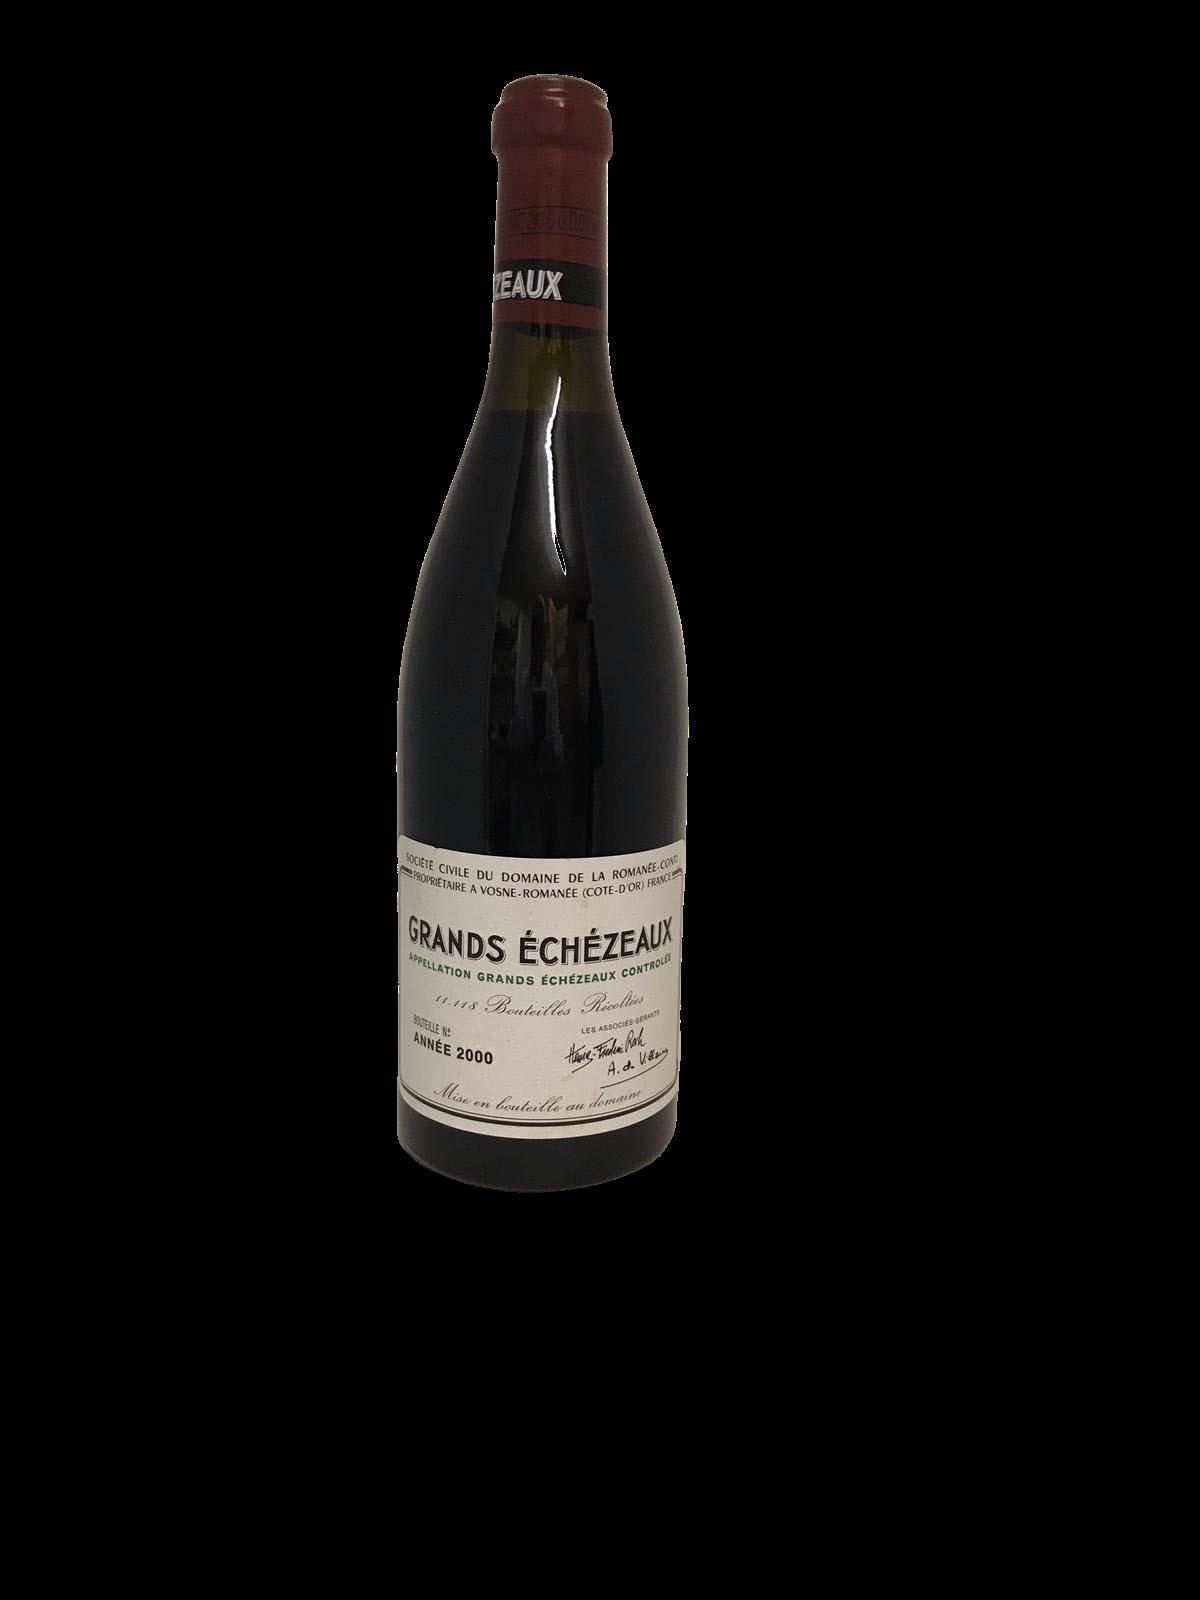 Domaine de la Romanée-Conti (DRC) – Grands-Echezeaux 2000